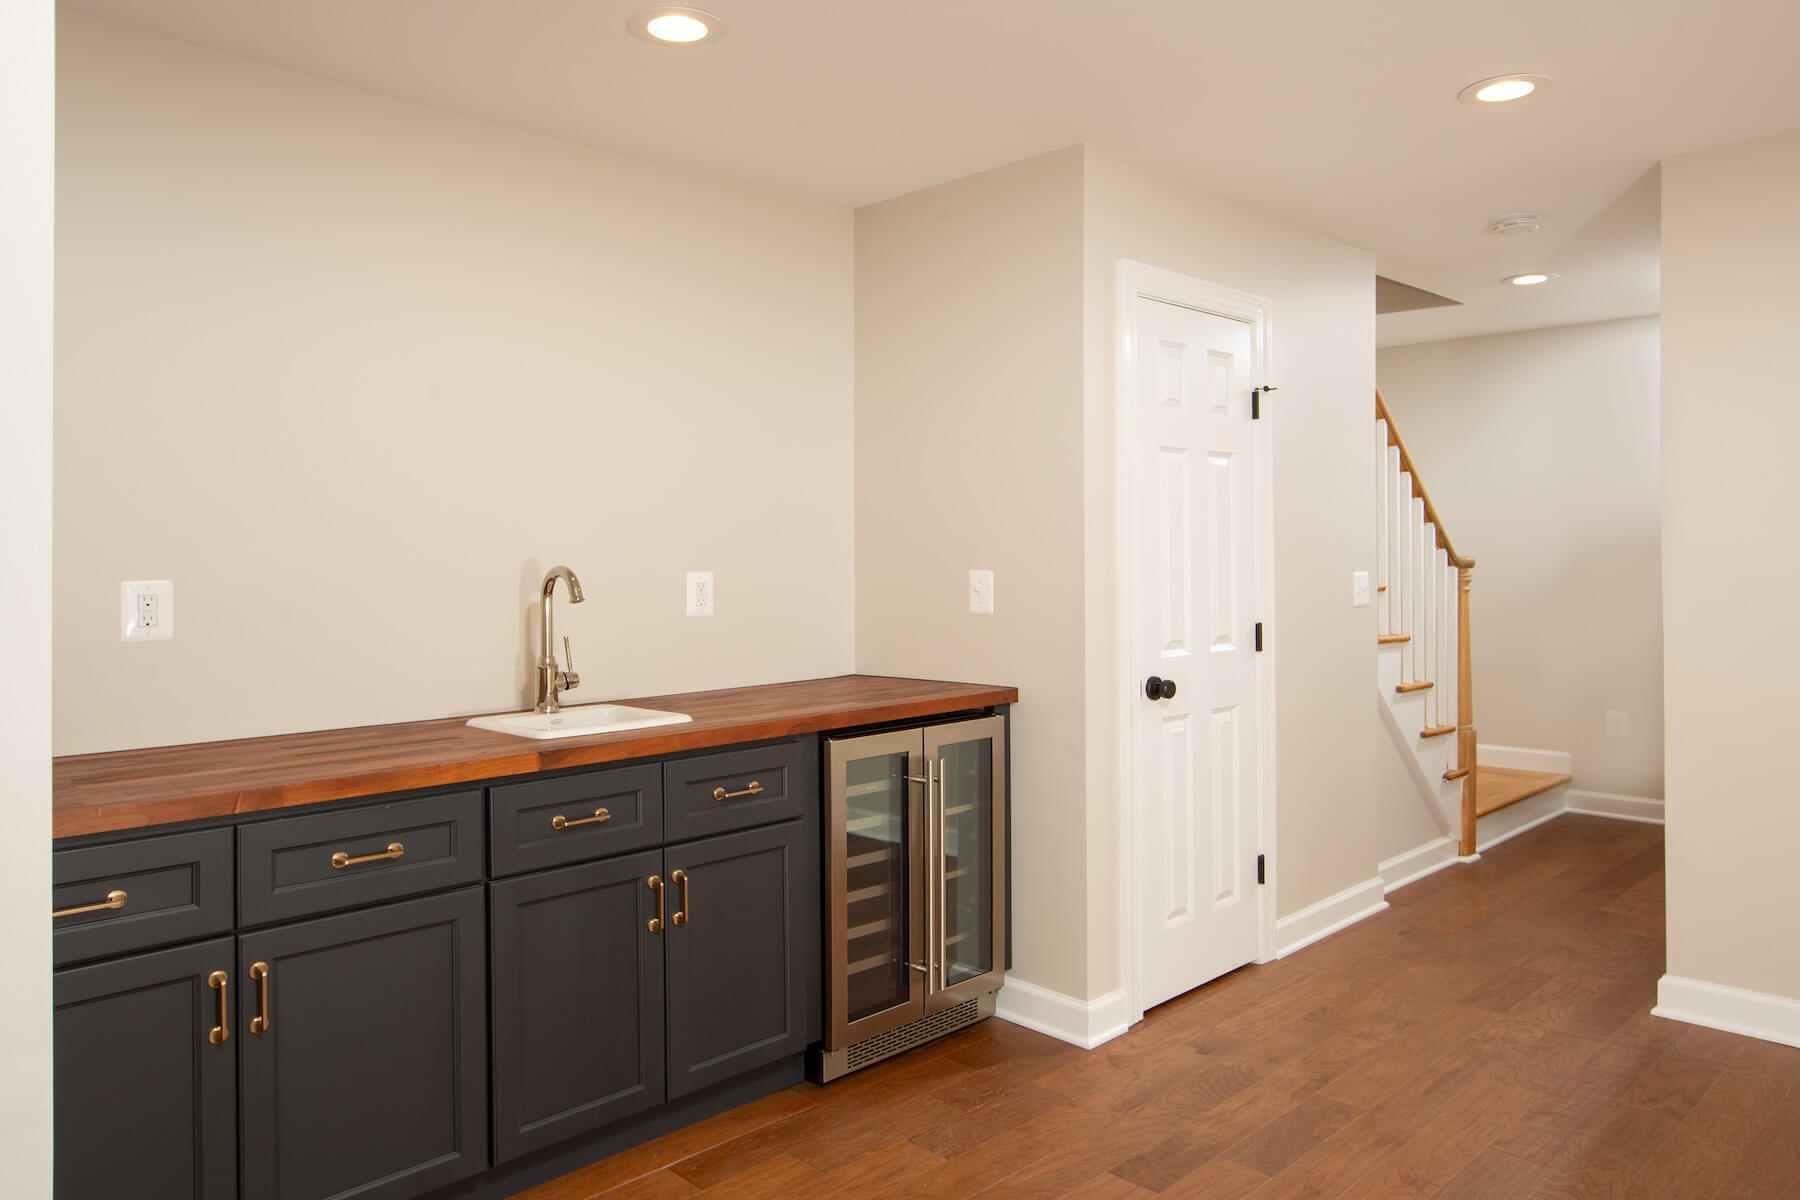 basementstairs_8-12-2019_770